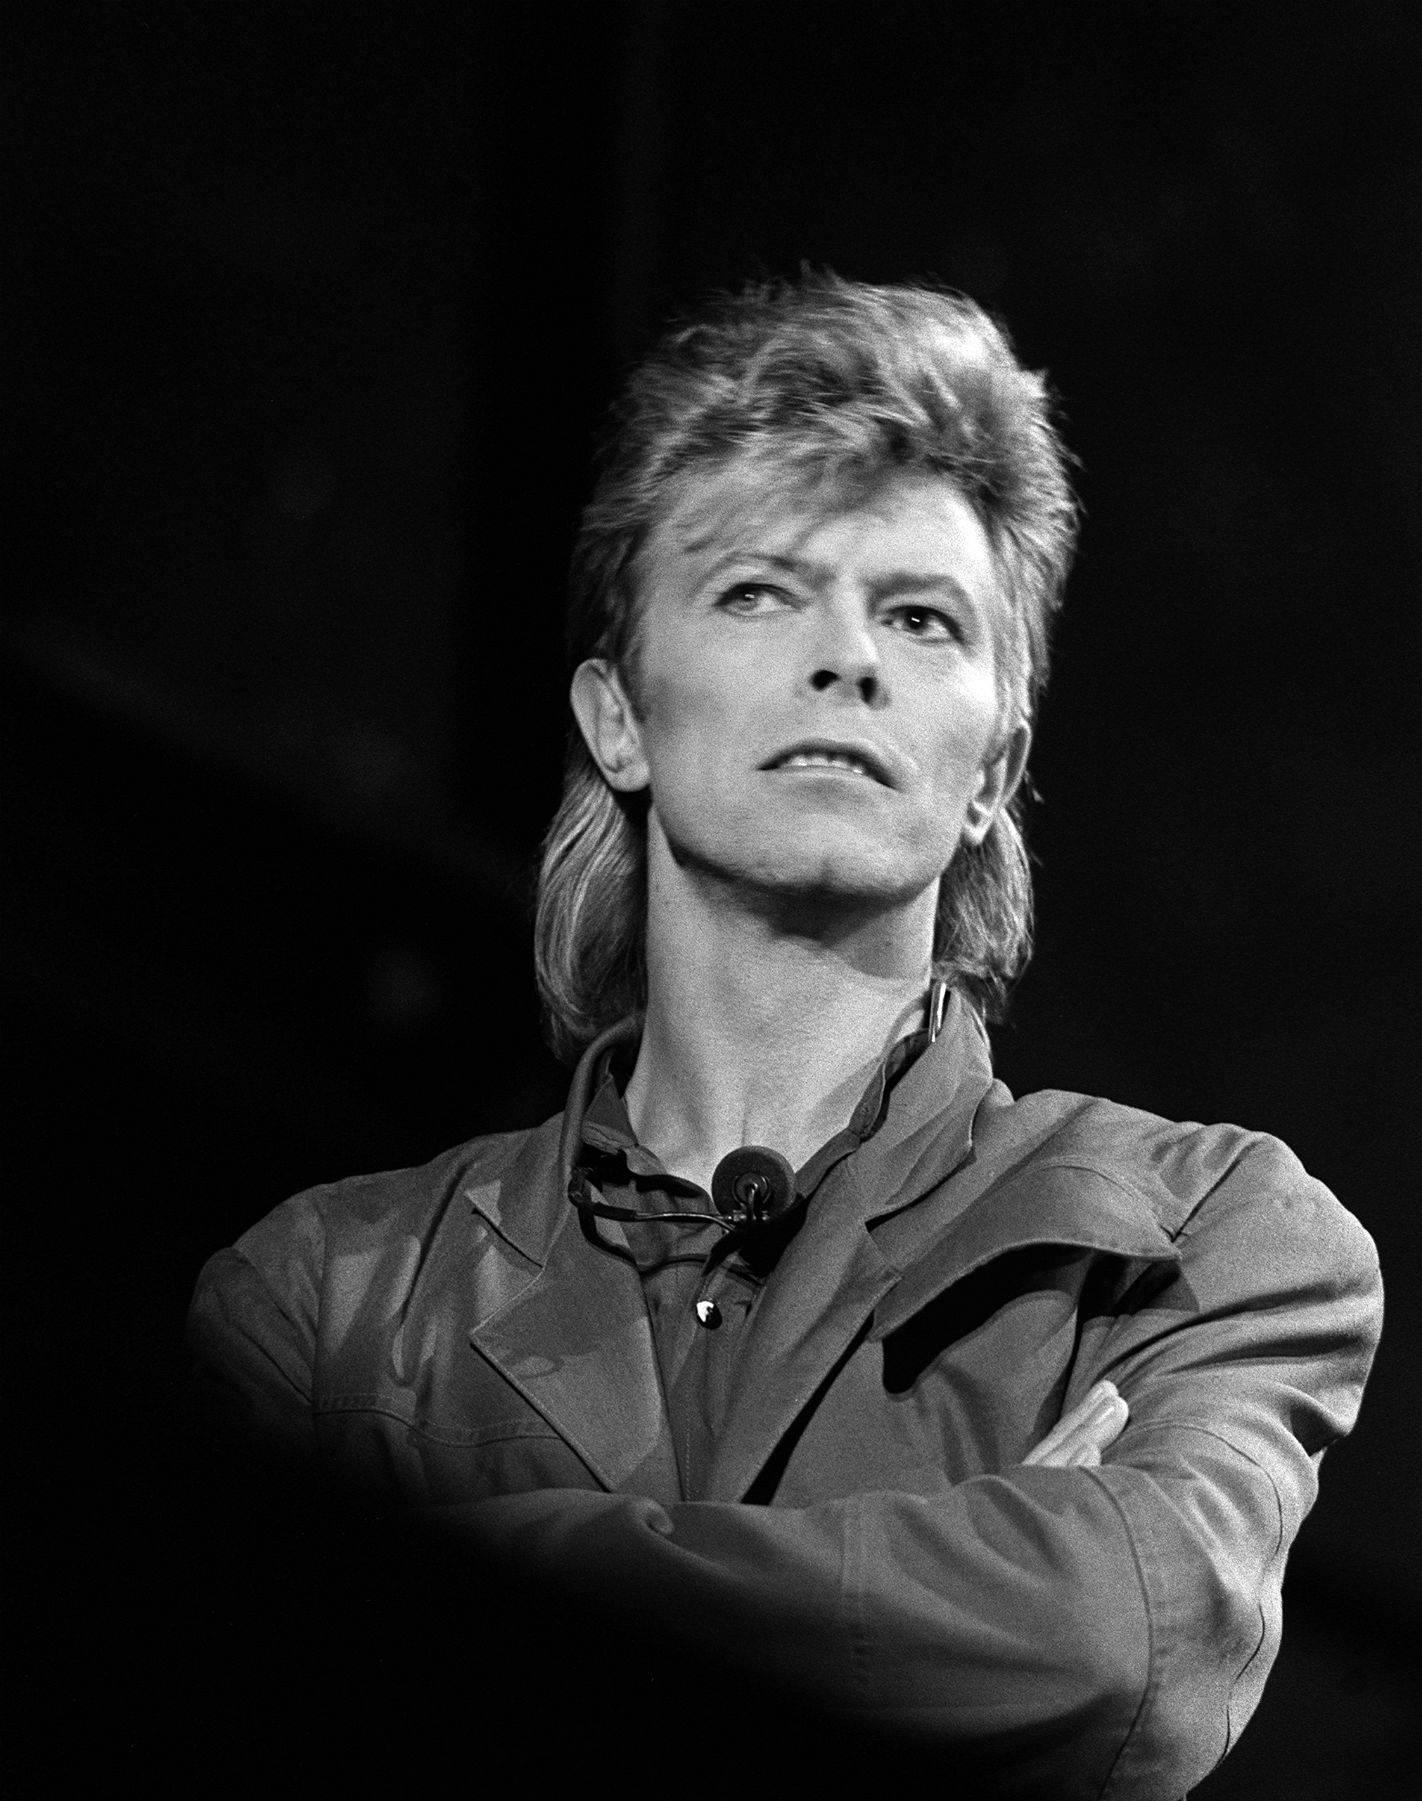 David Bowie nie żyje. Brytyjski muzyk przegrał walkę z rakiem